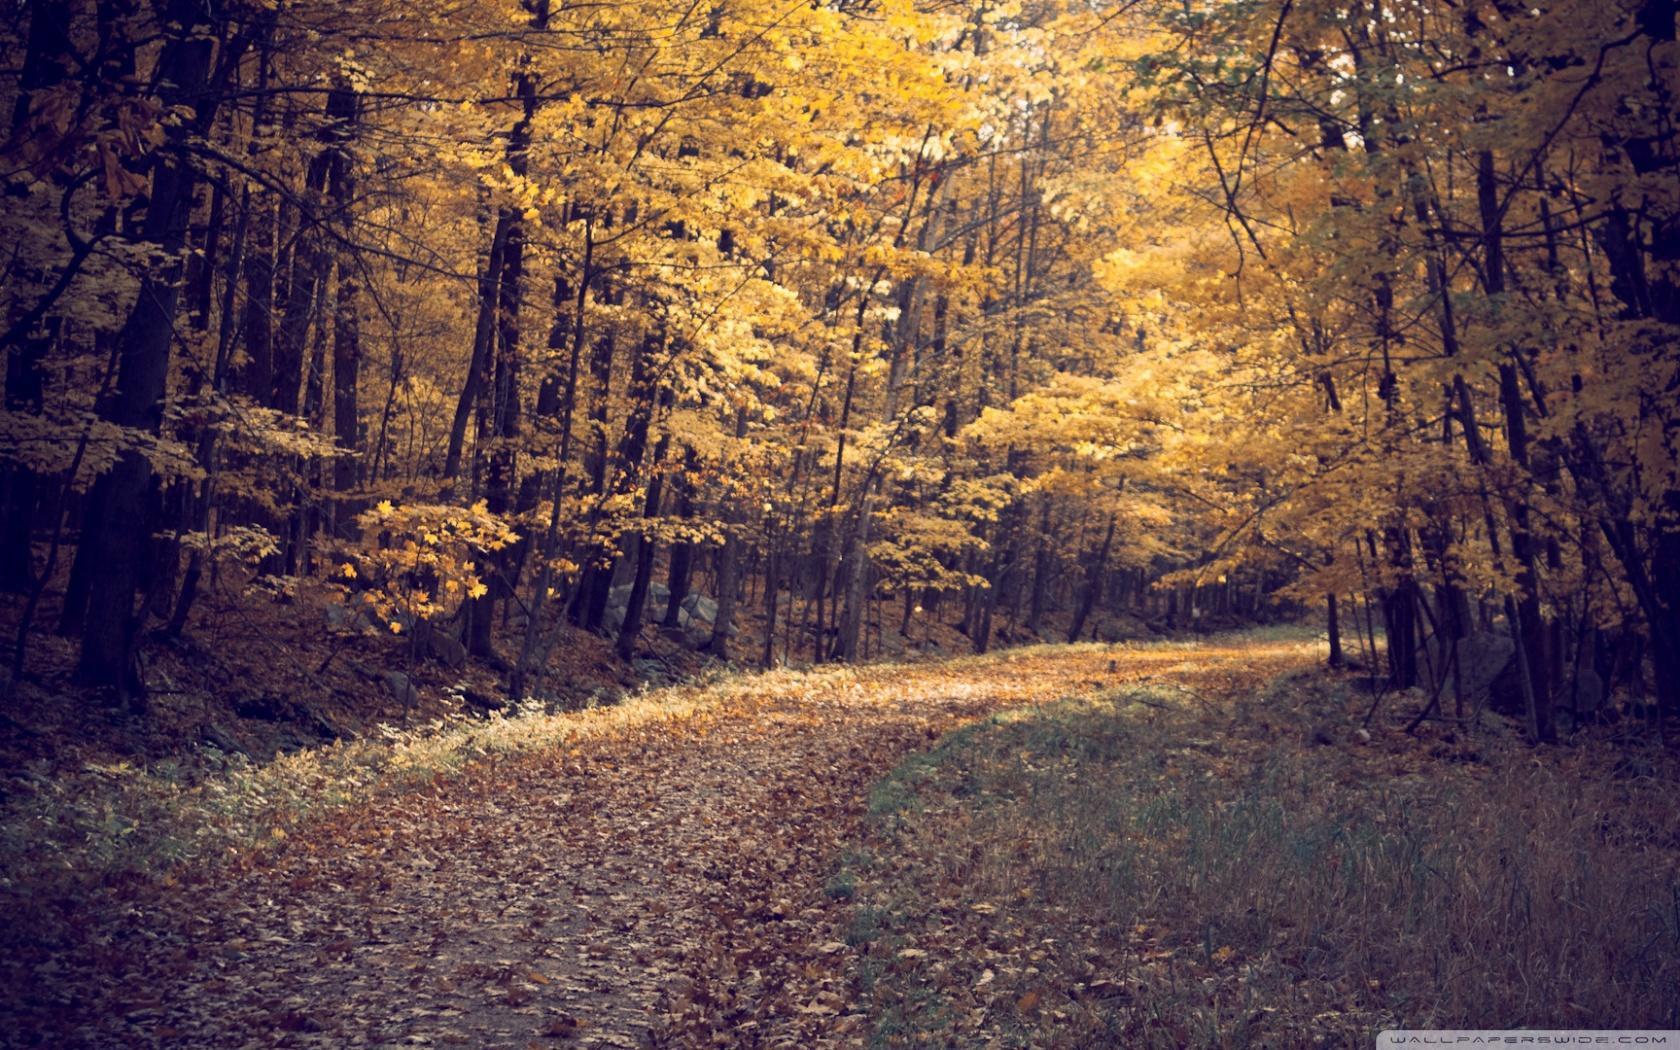 Forest Autumn HD desktop wallpaper : Widescreen : High Definition